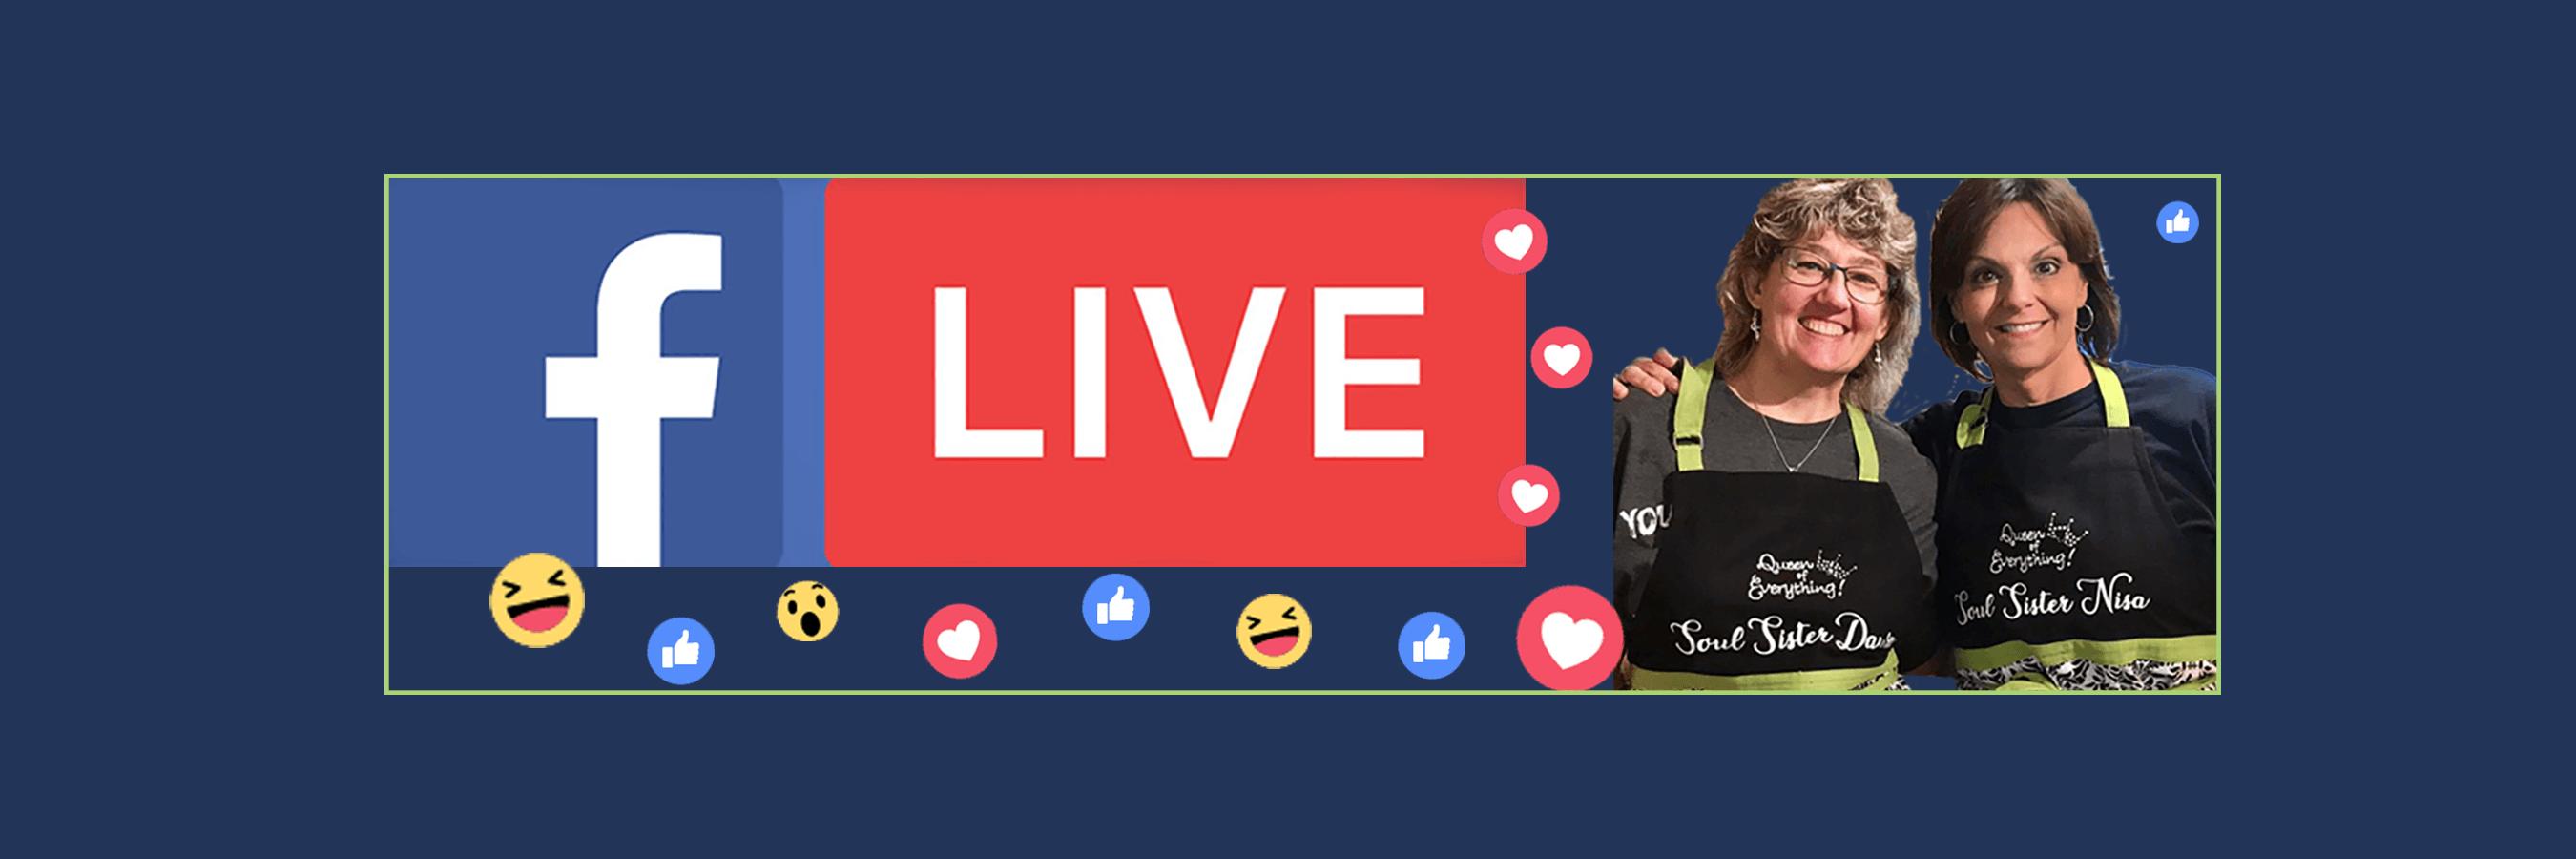 Facebook Live Videos: Meal Planning & Prep